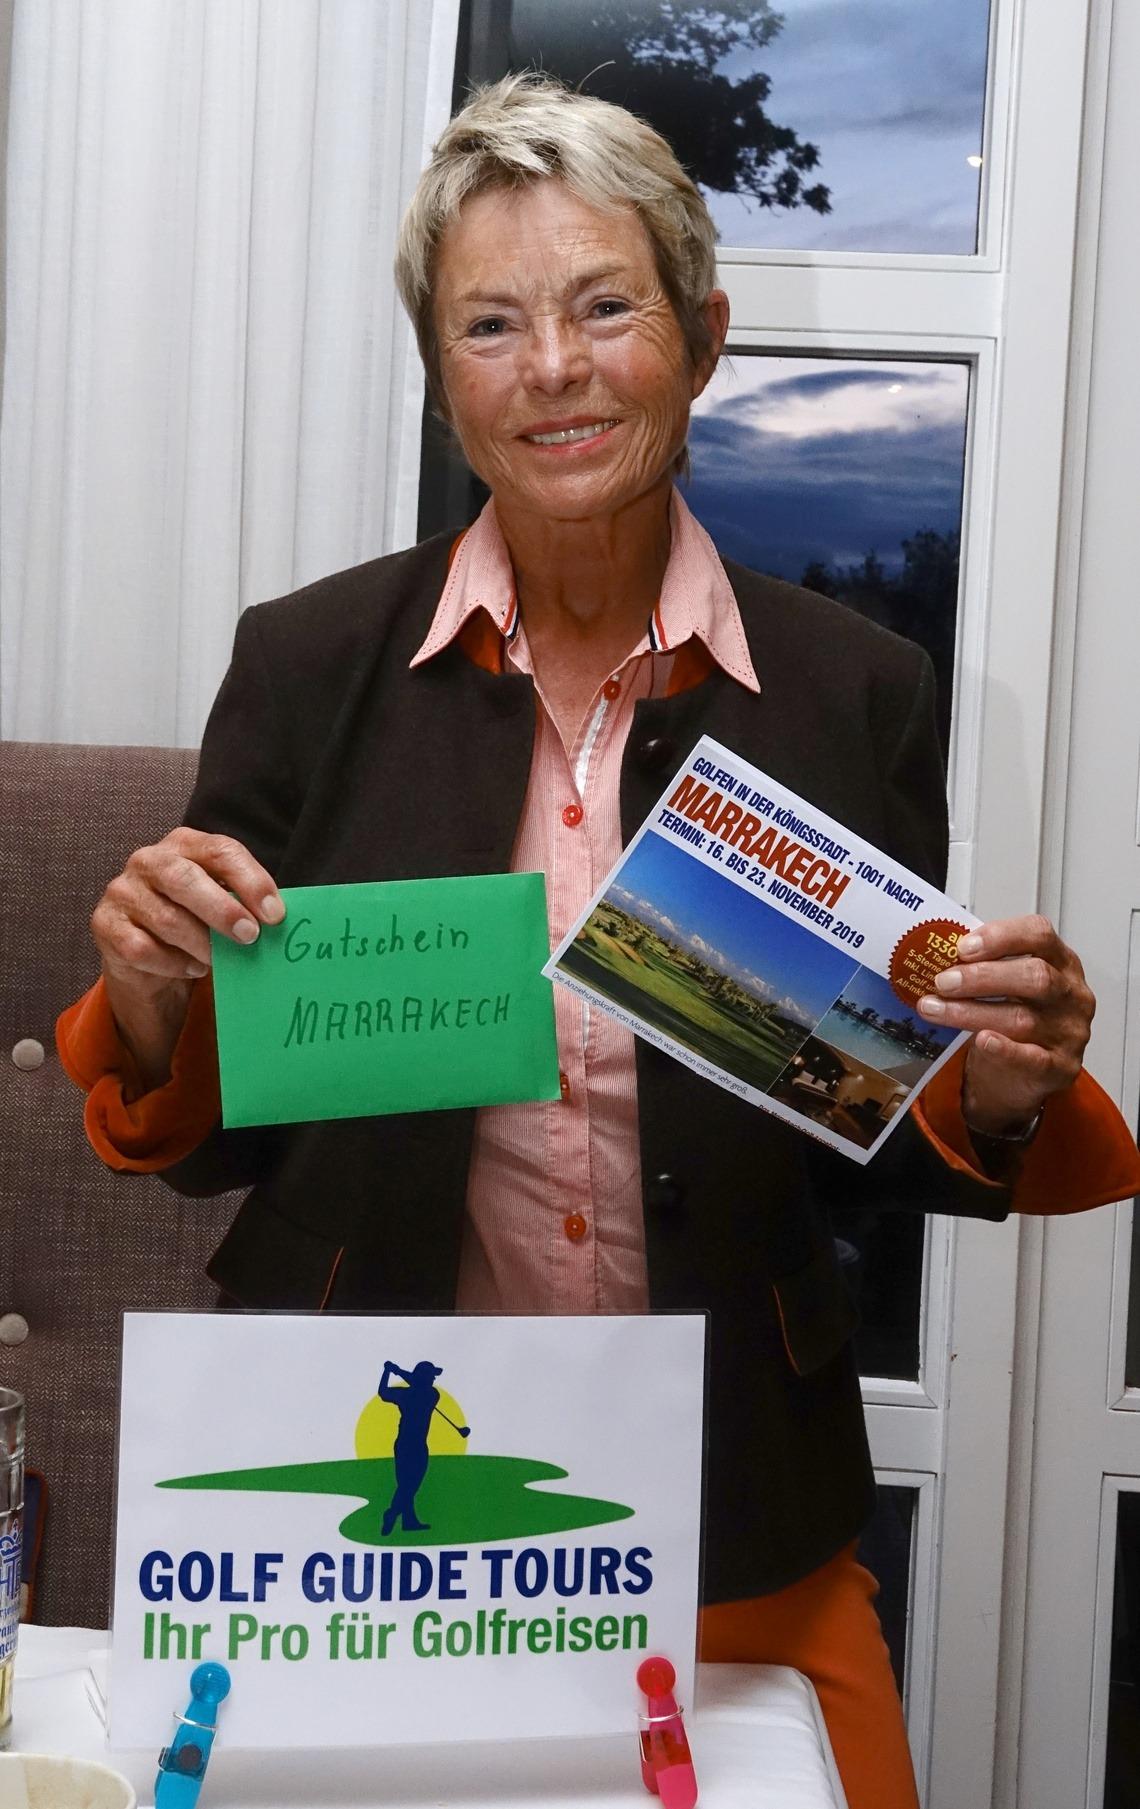 Dr. Ingrid Lüllau freut sich, im November ins sonnige Marrakech fliegen zu dürfen.